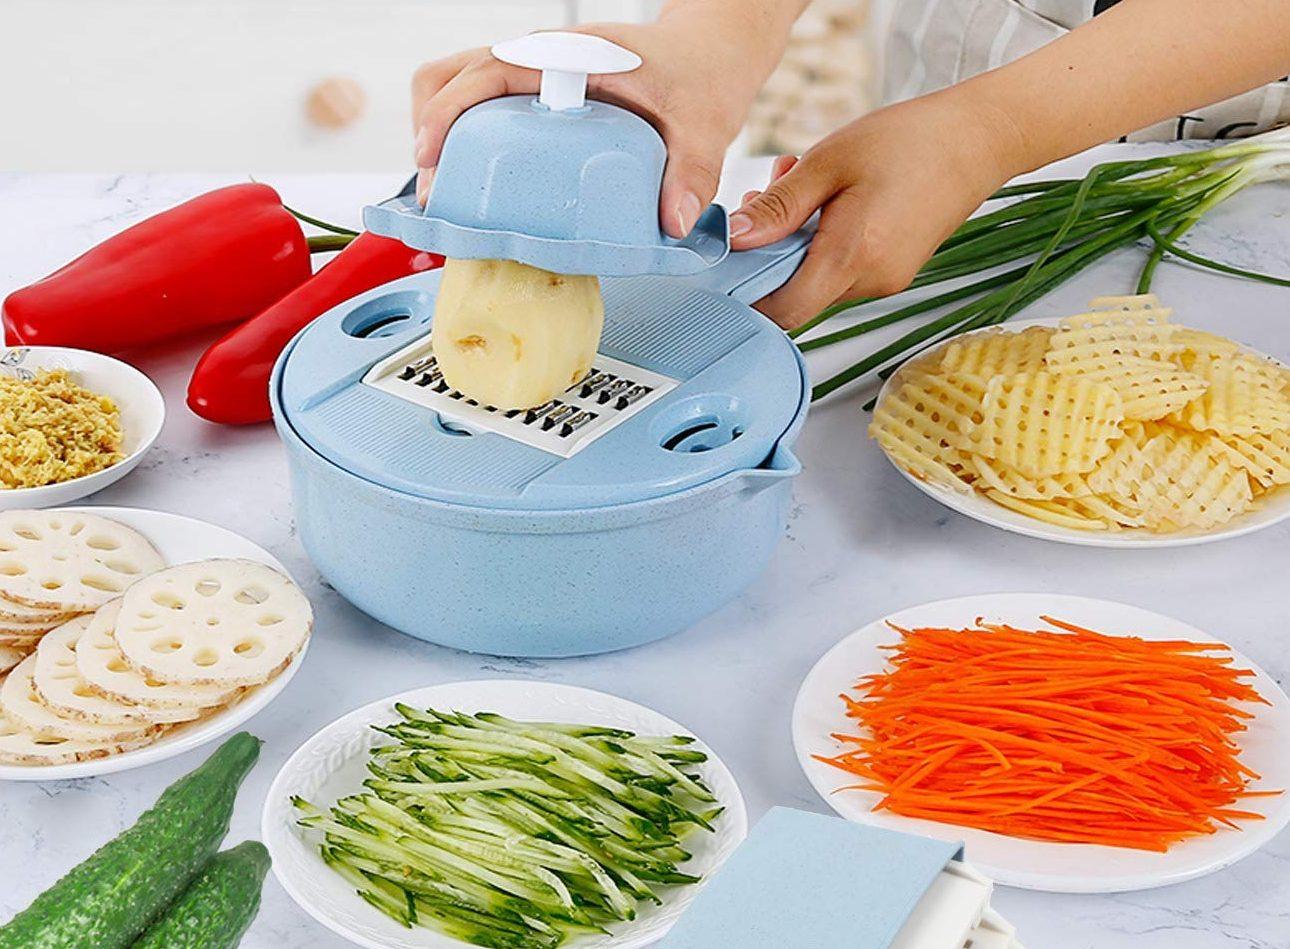 Fomuson 12-in-1 Vegetable Mandoline Slicer Cutter Set